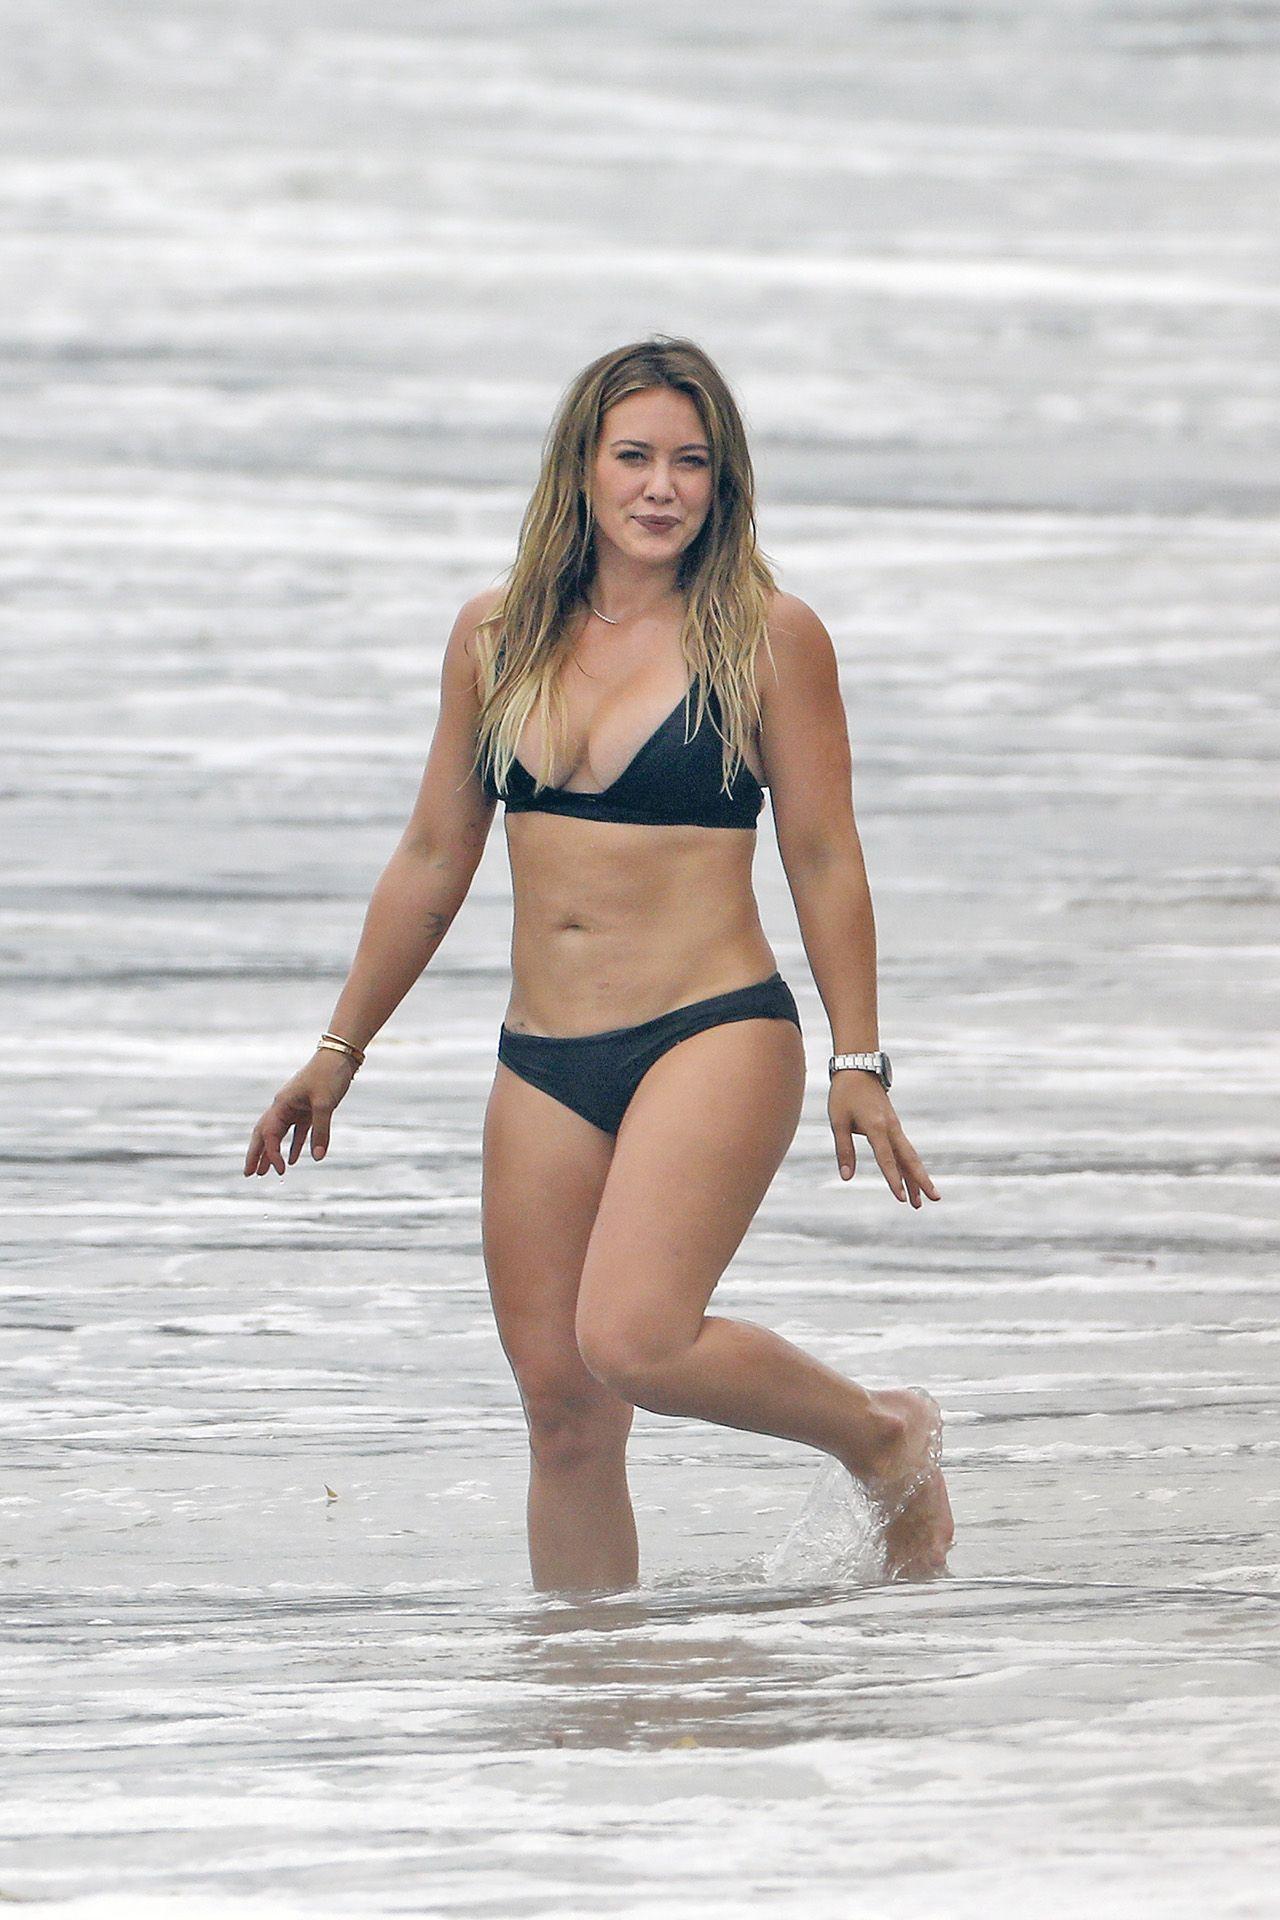 Hilary Duff Spandex Butt Cumshot